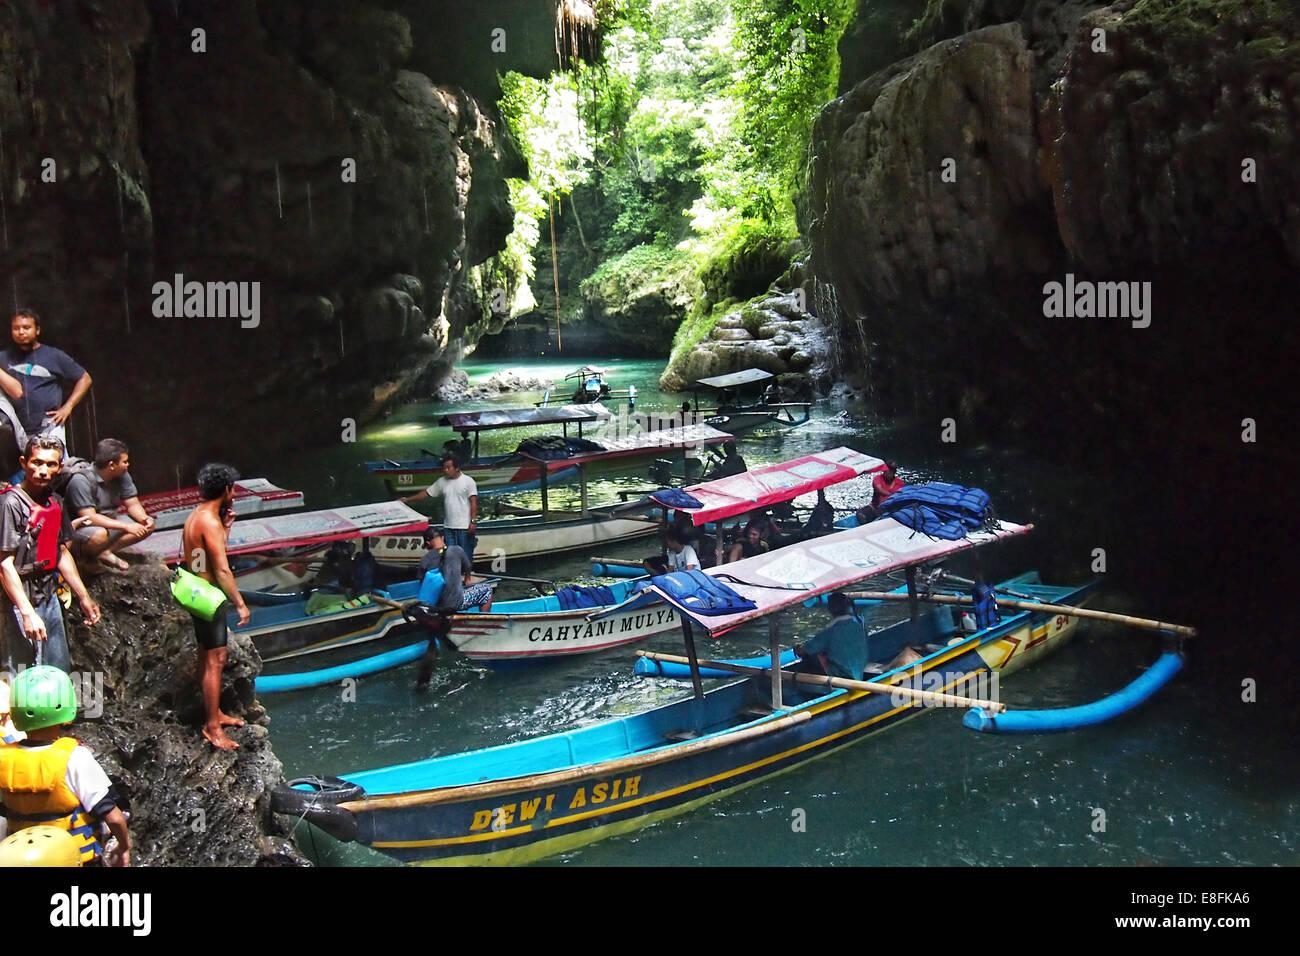 Indonesia, West Java, Cimerak, Green Canyon - Stock Image